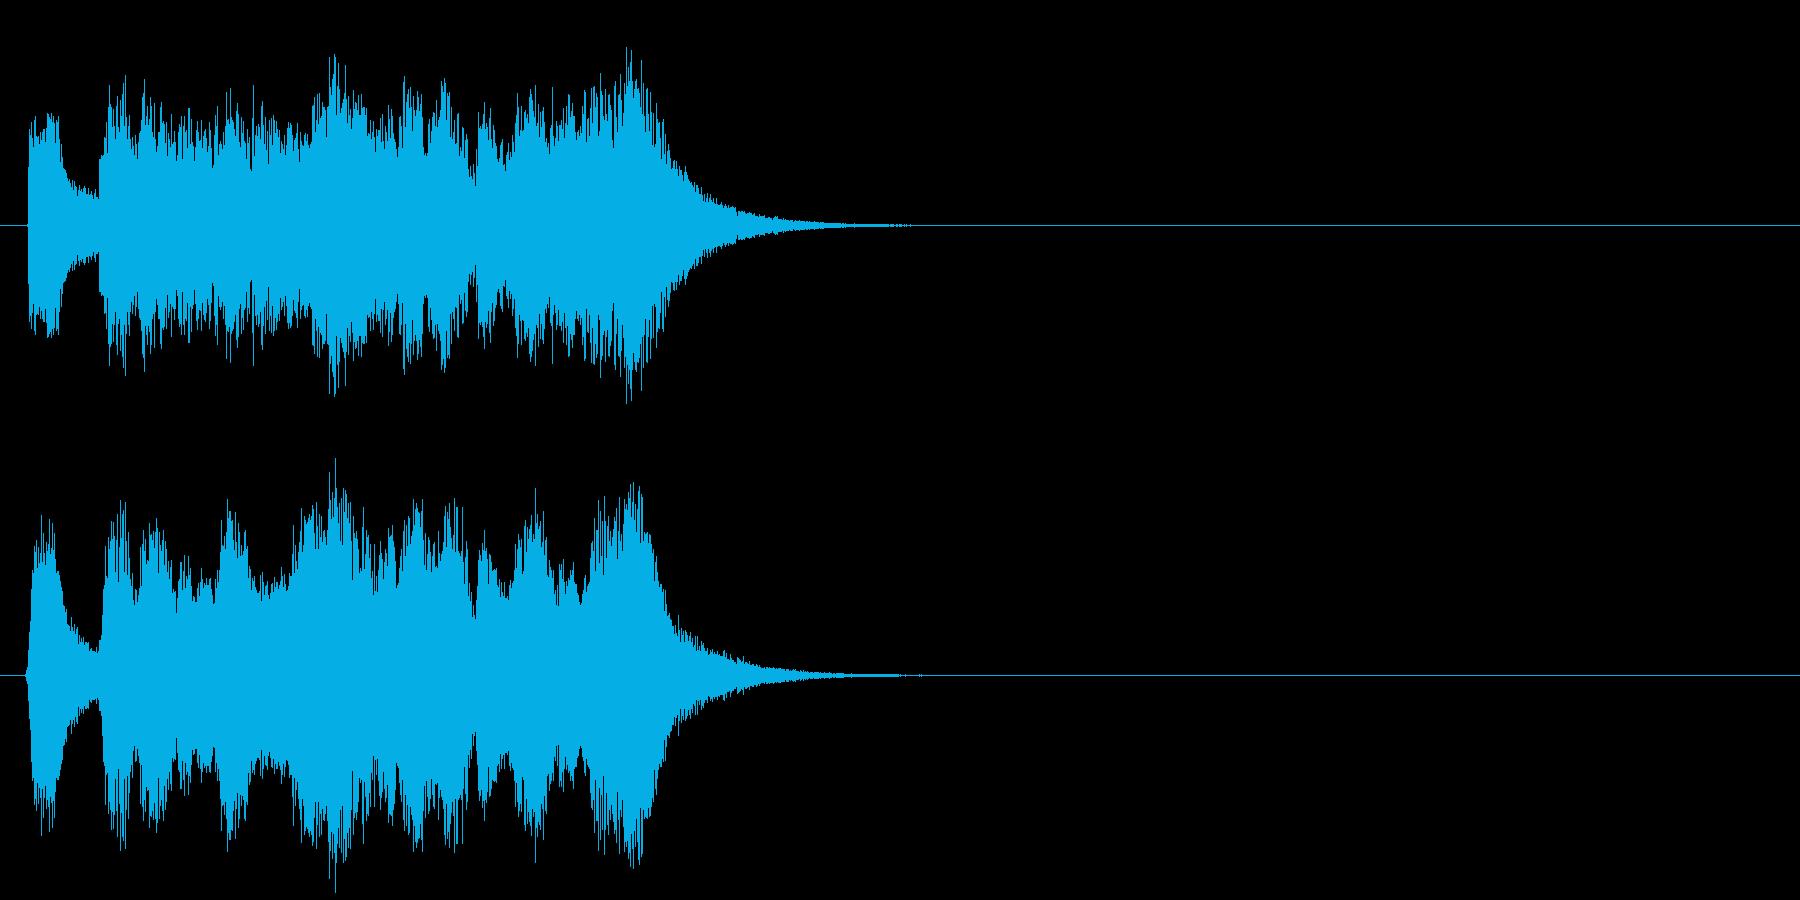 キューアタック風壮大なジングルの再生済みの波形